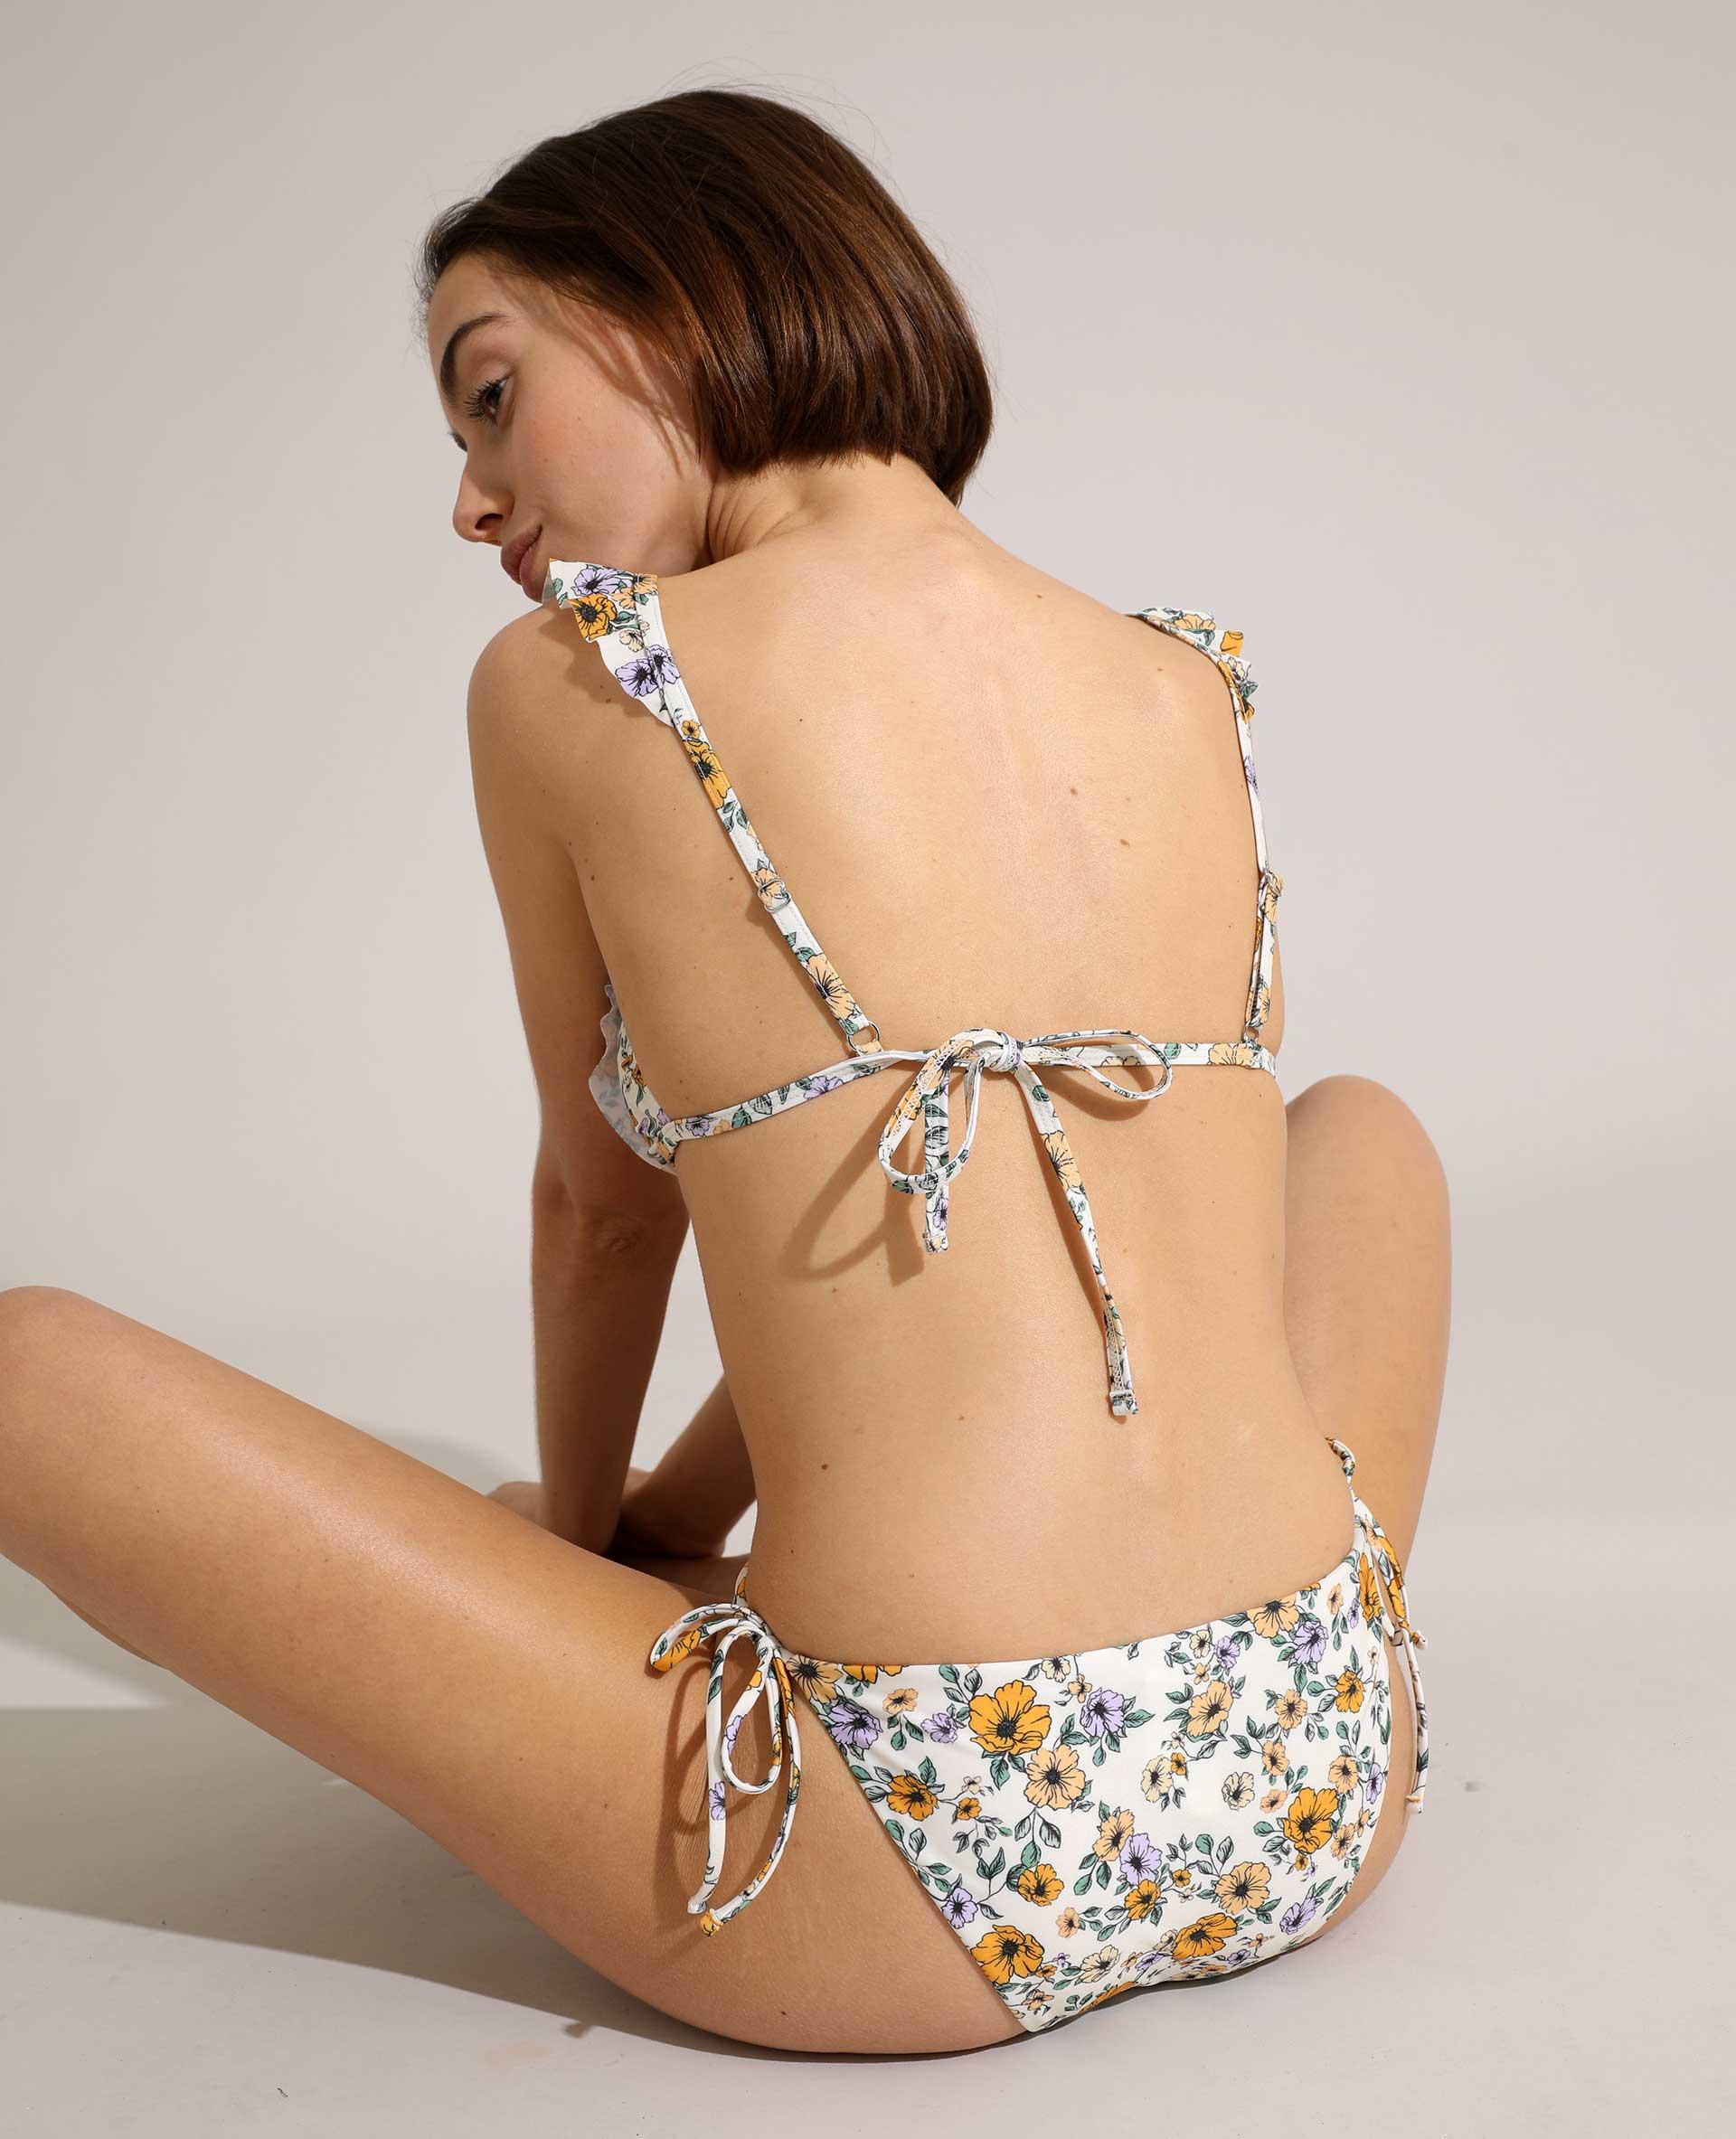 Haut de maillot de bain triangle à motifs fleurs blanc - Pimkie